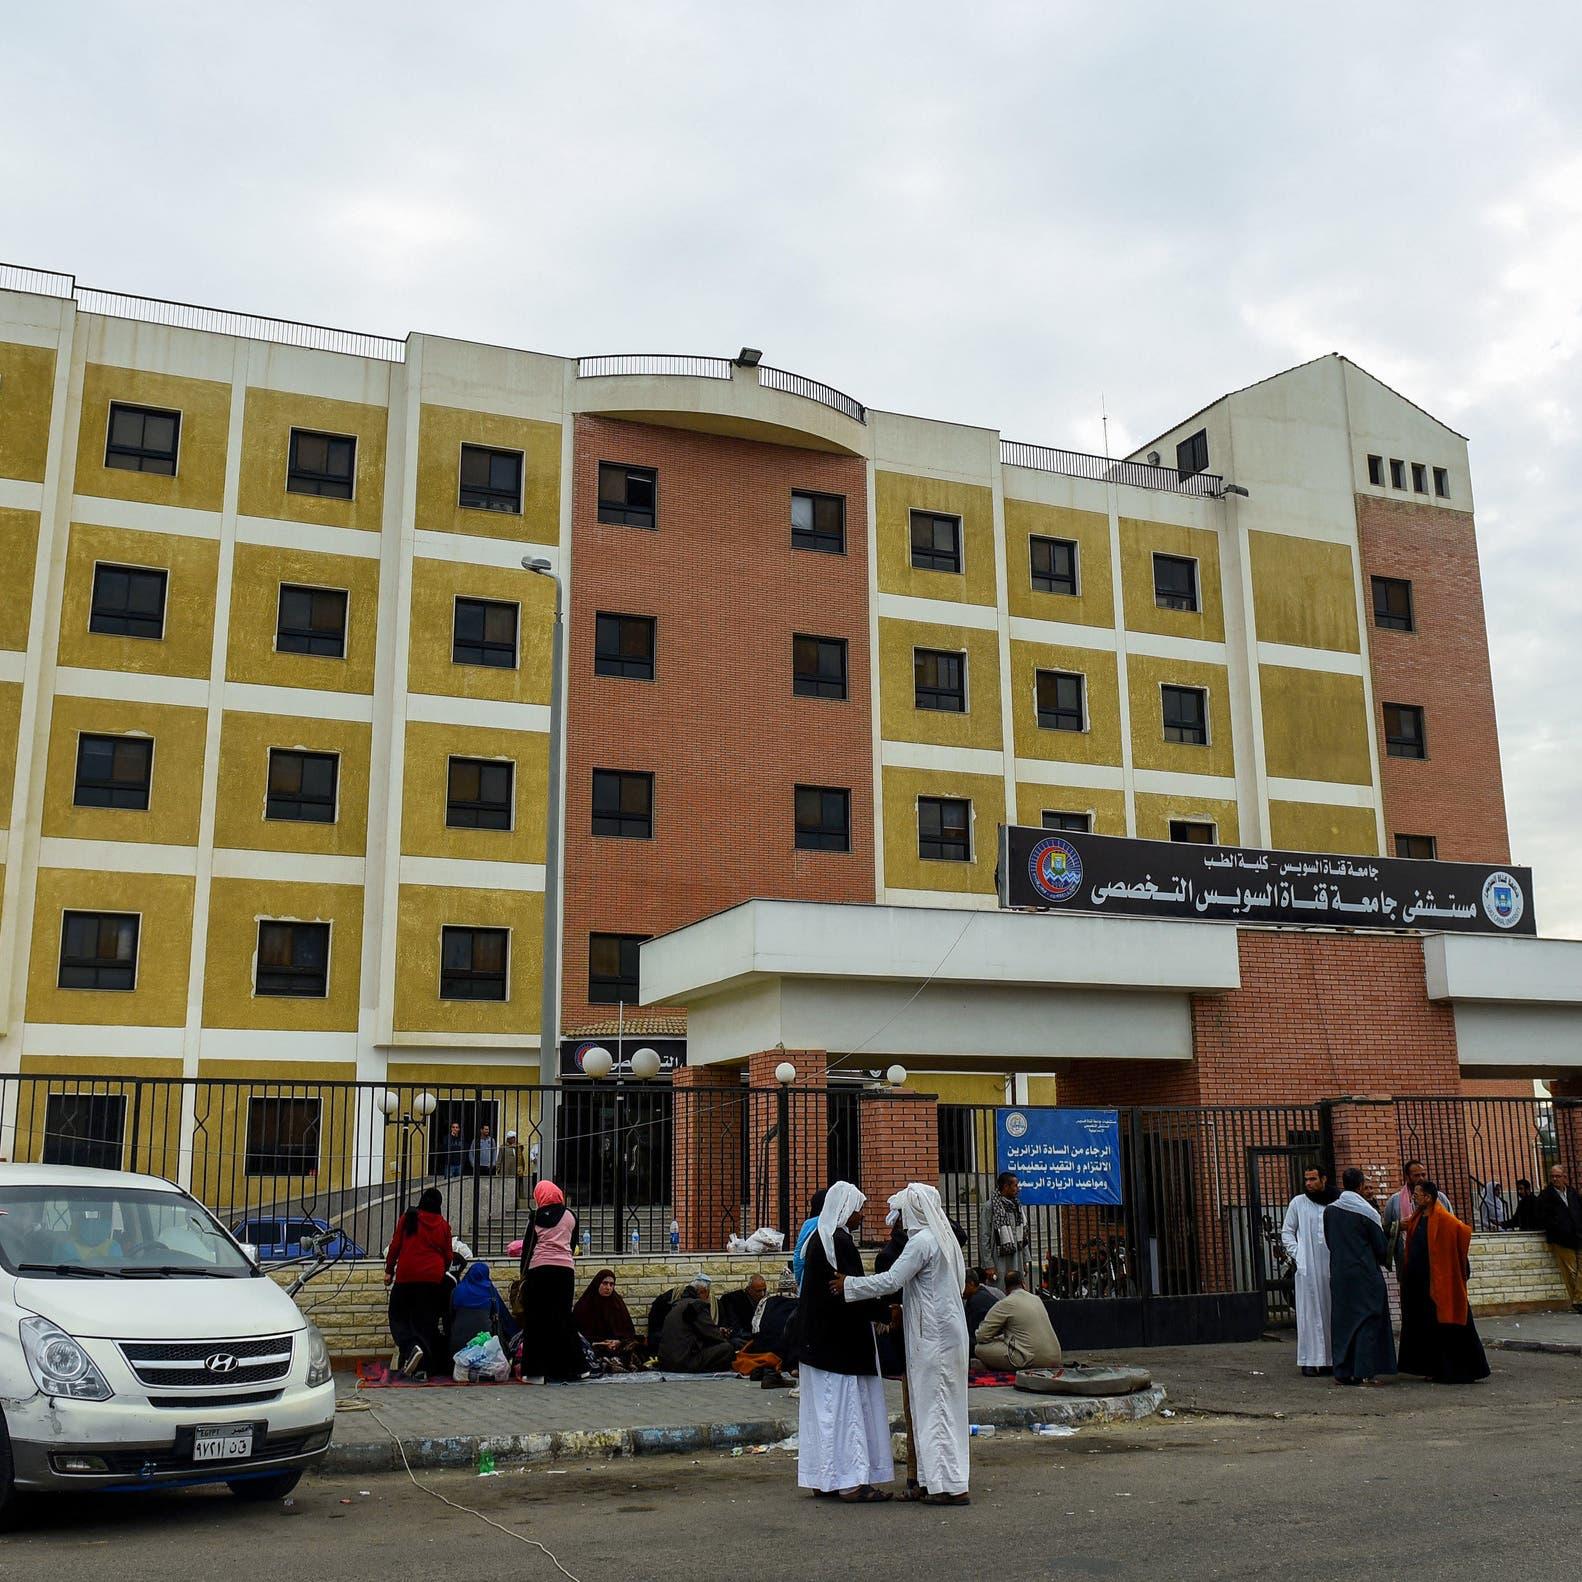 مصر تنفي إعلان الطوارئ بمستشفيات سيناء لاستقبال جرحى غزة